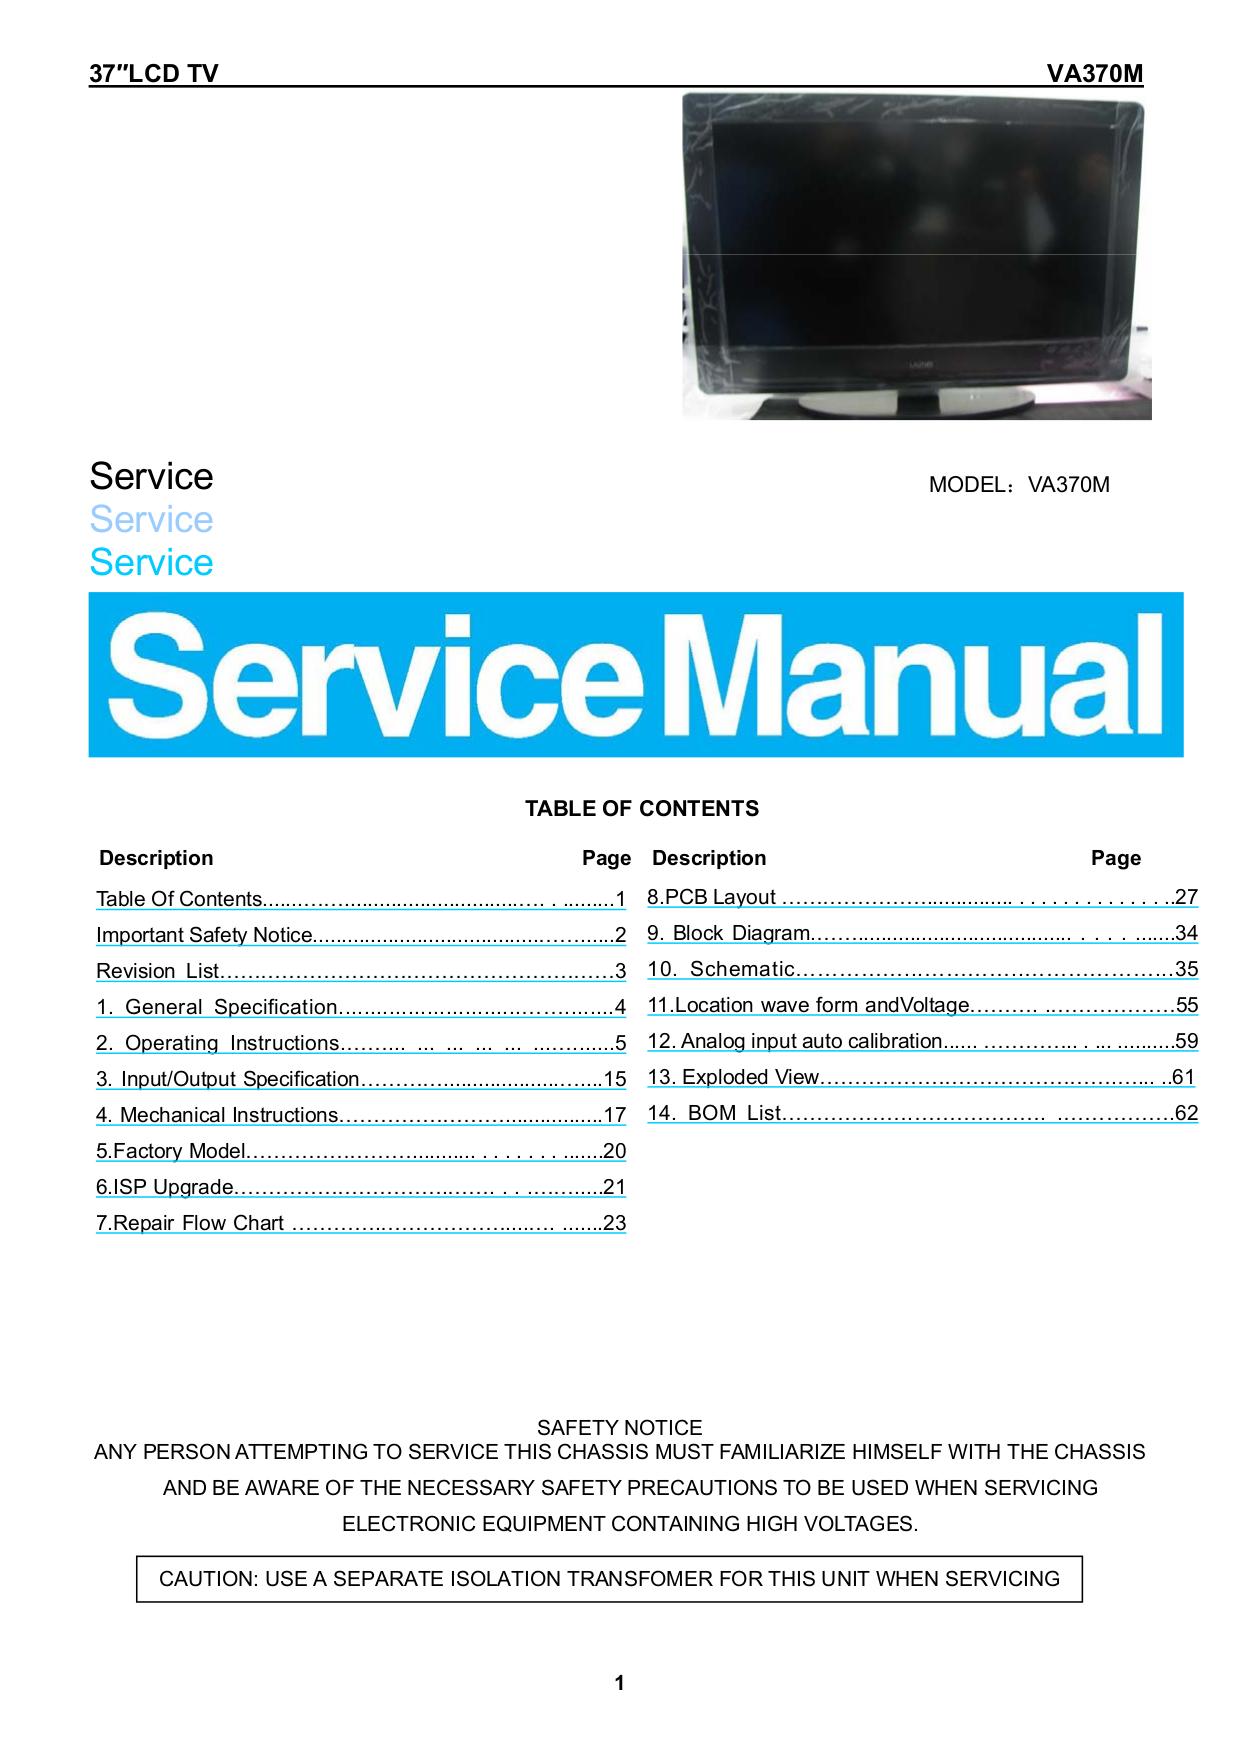 PDF manual for Vizio TV VA370M